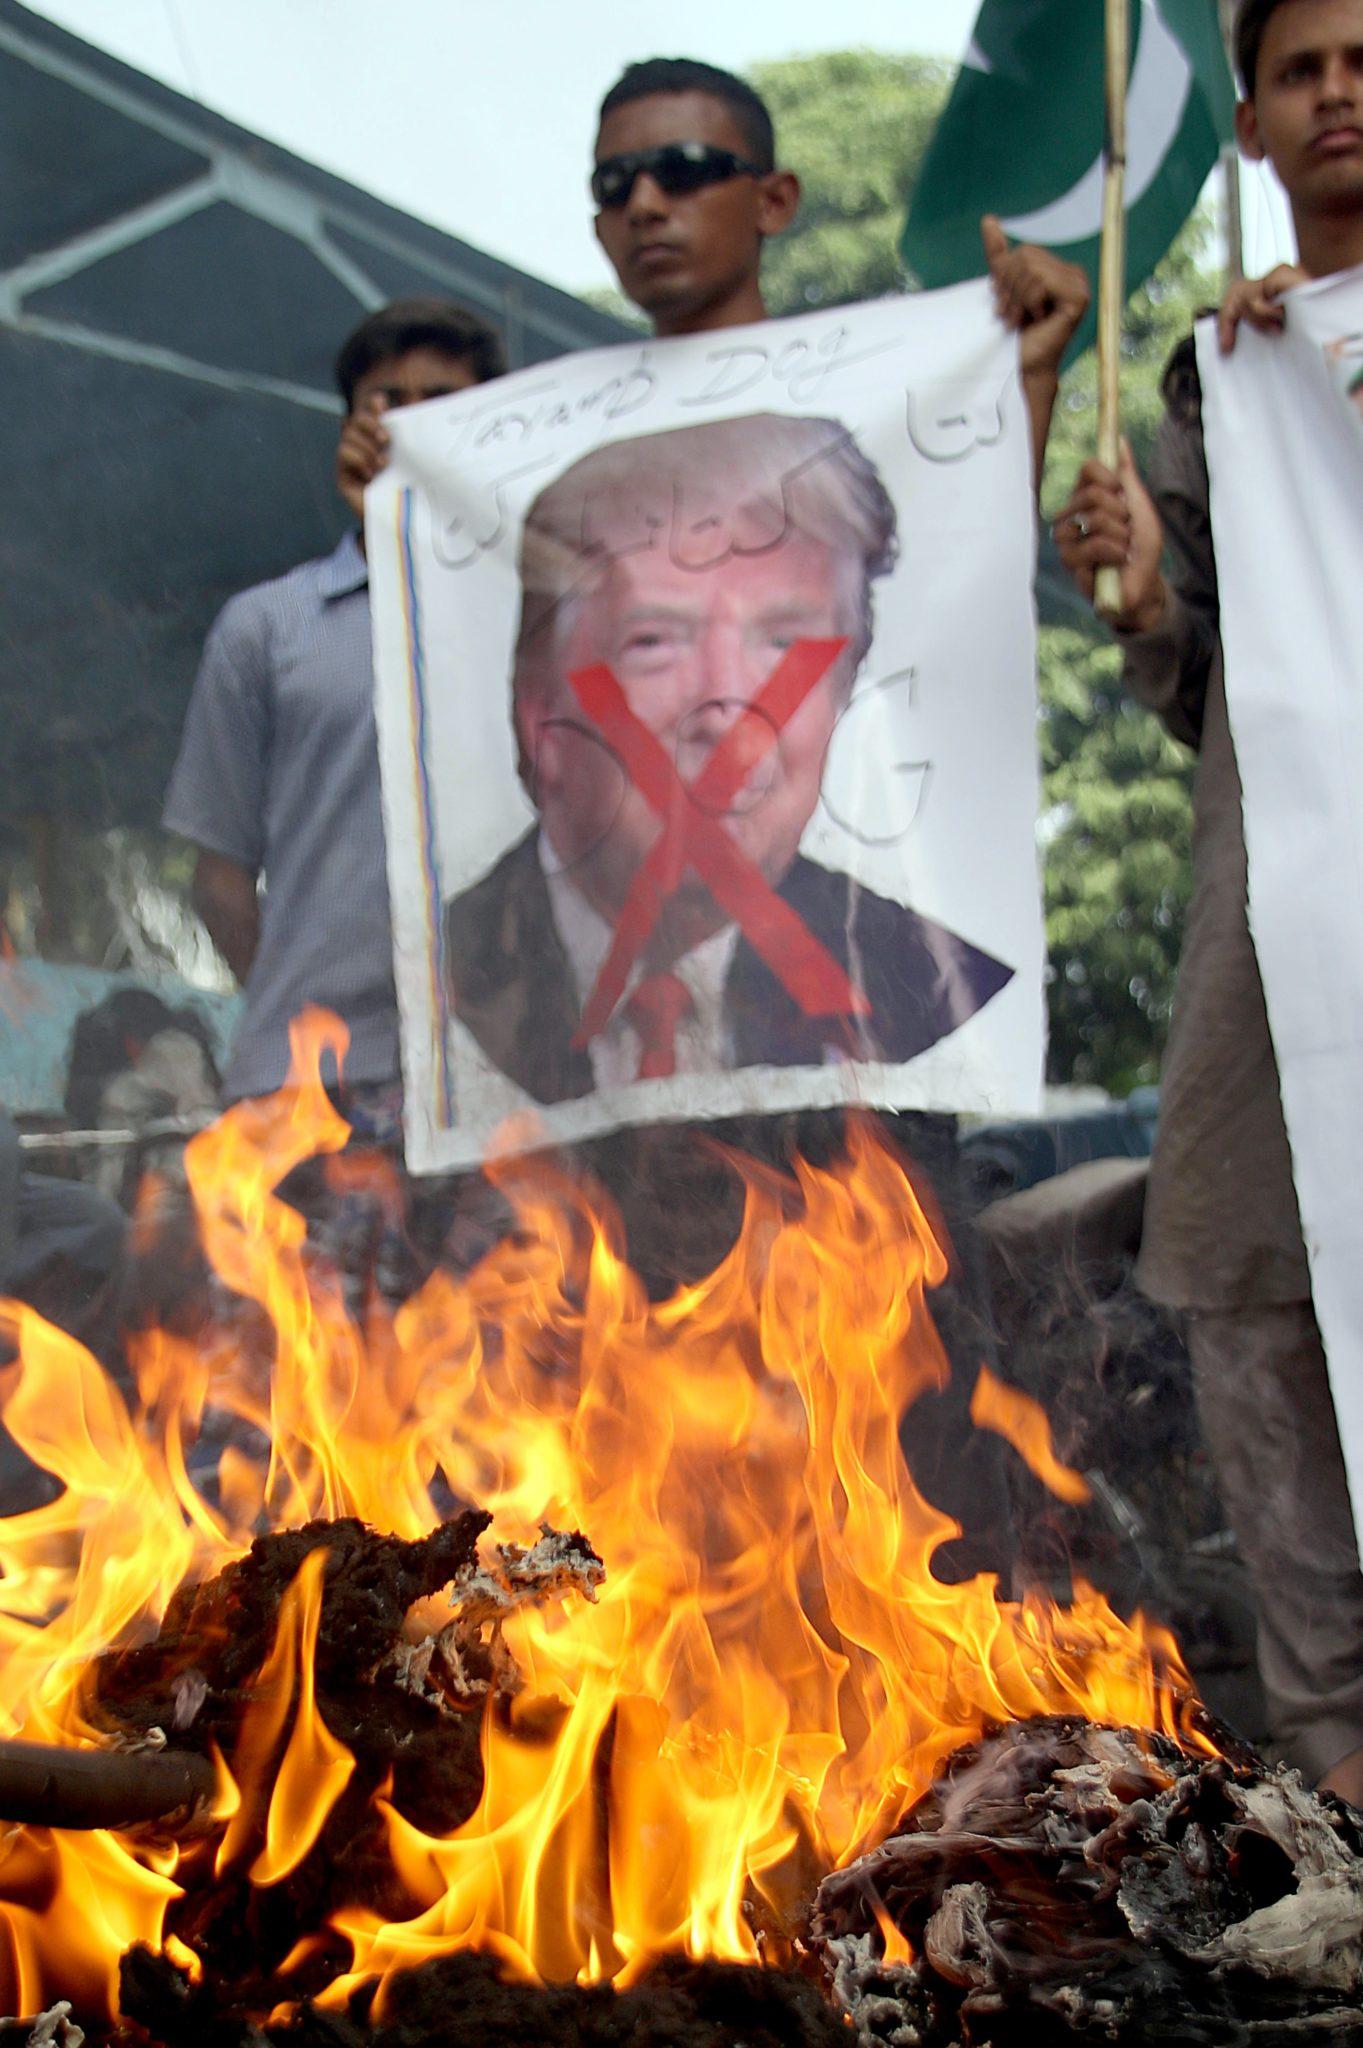 Antyamerykański protest w Pakistanie, w Karachi. Władze kraju z oburzeniem odrzucają zarzuty o to, że wspolpracowali z terrorystami, fot:Shahzaib Akber, PAP/EPA